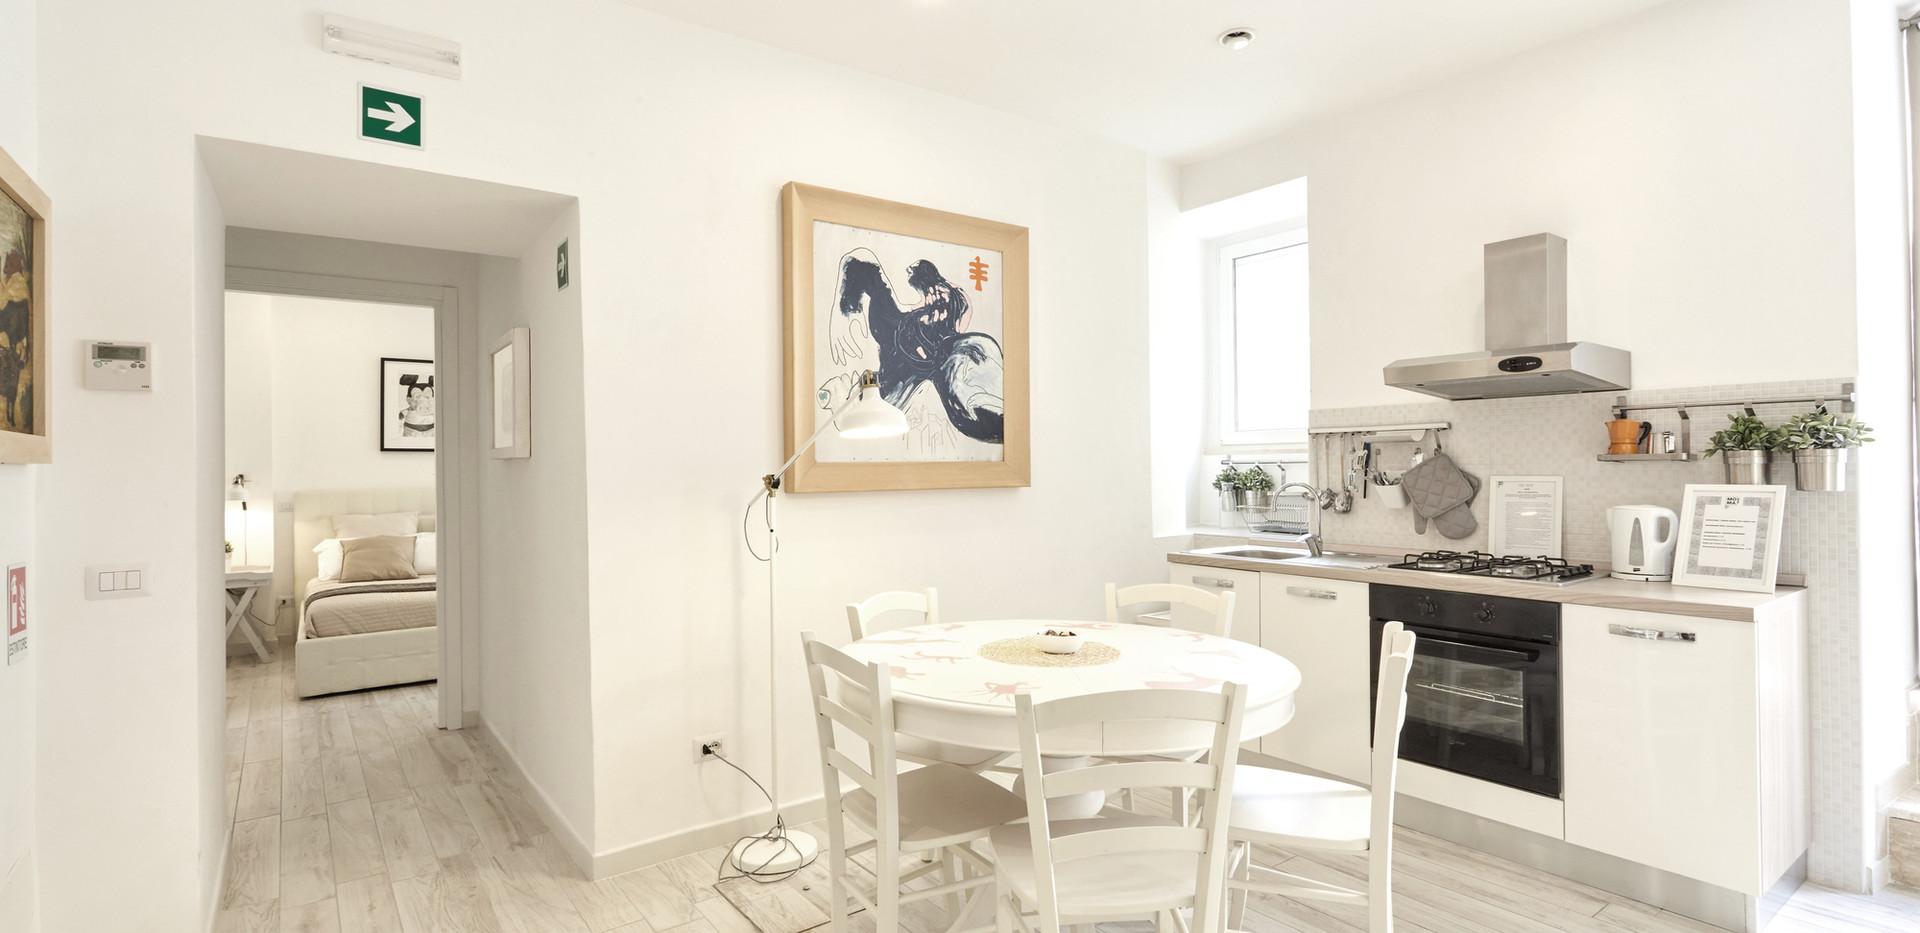 MomaRoom Guest House